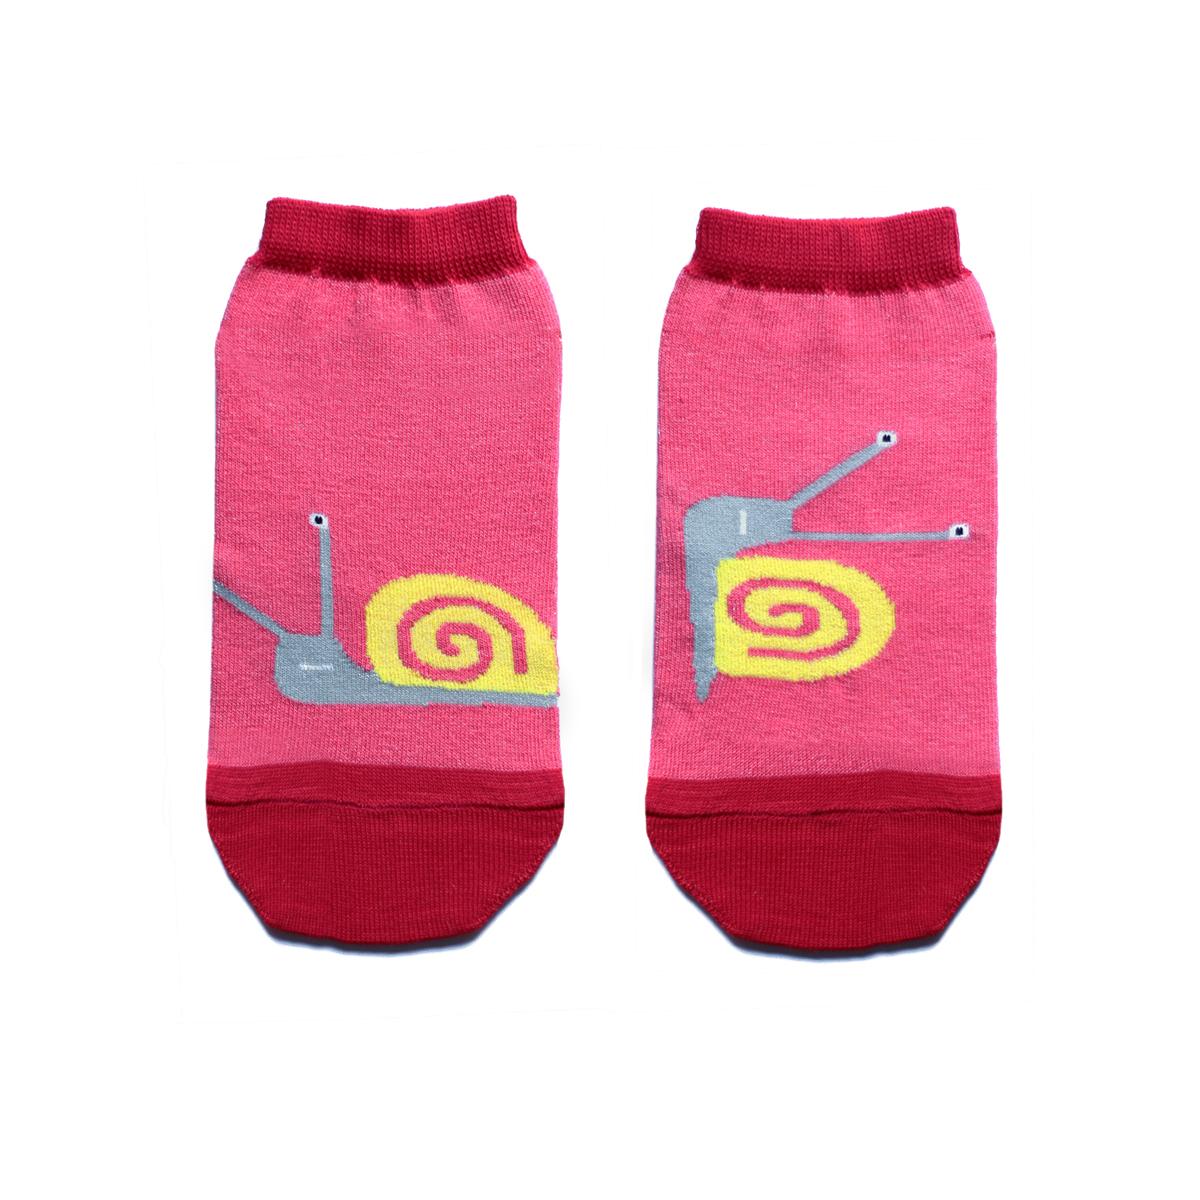 Носкиca1632Укороченные мужские носки Big Bang Socks изготовлены из высококачественного хлопка с добавлением полиамидных и эластановых волокон, которые обеспечивают великолепную посадку. Носки отличаются ярким стильным дизайном, они оформлены изображением улиток. Удобная резинка идеально облегает ногу и не пережимает сосуды, а усиленные пятка и мысок повышают износоустойчивость носка. Дизайнерские носки Big Bang Socks - яркая деталь в вашем образе и оригинальный подарок для друзей и близких.